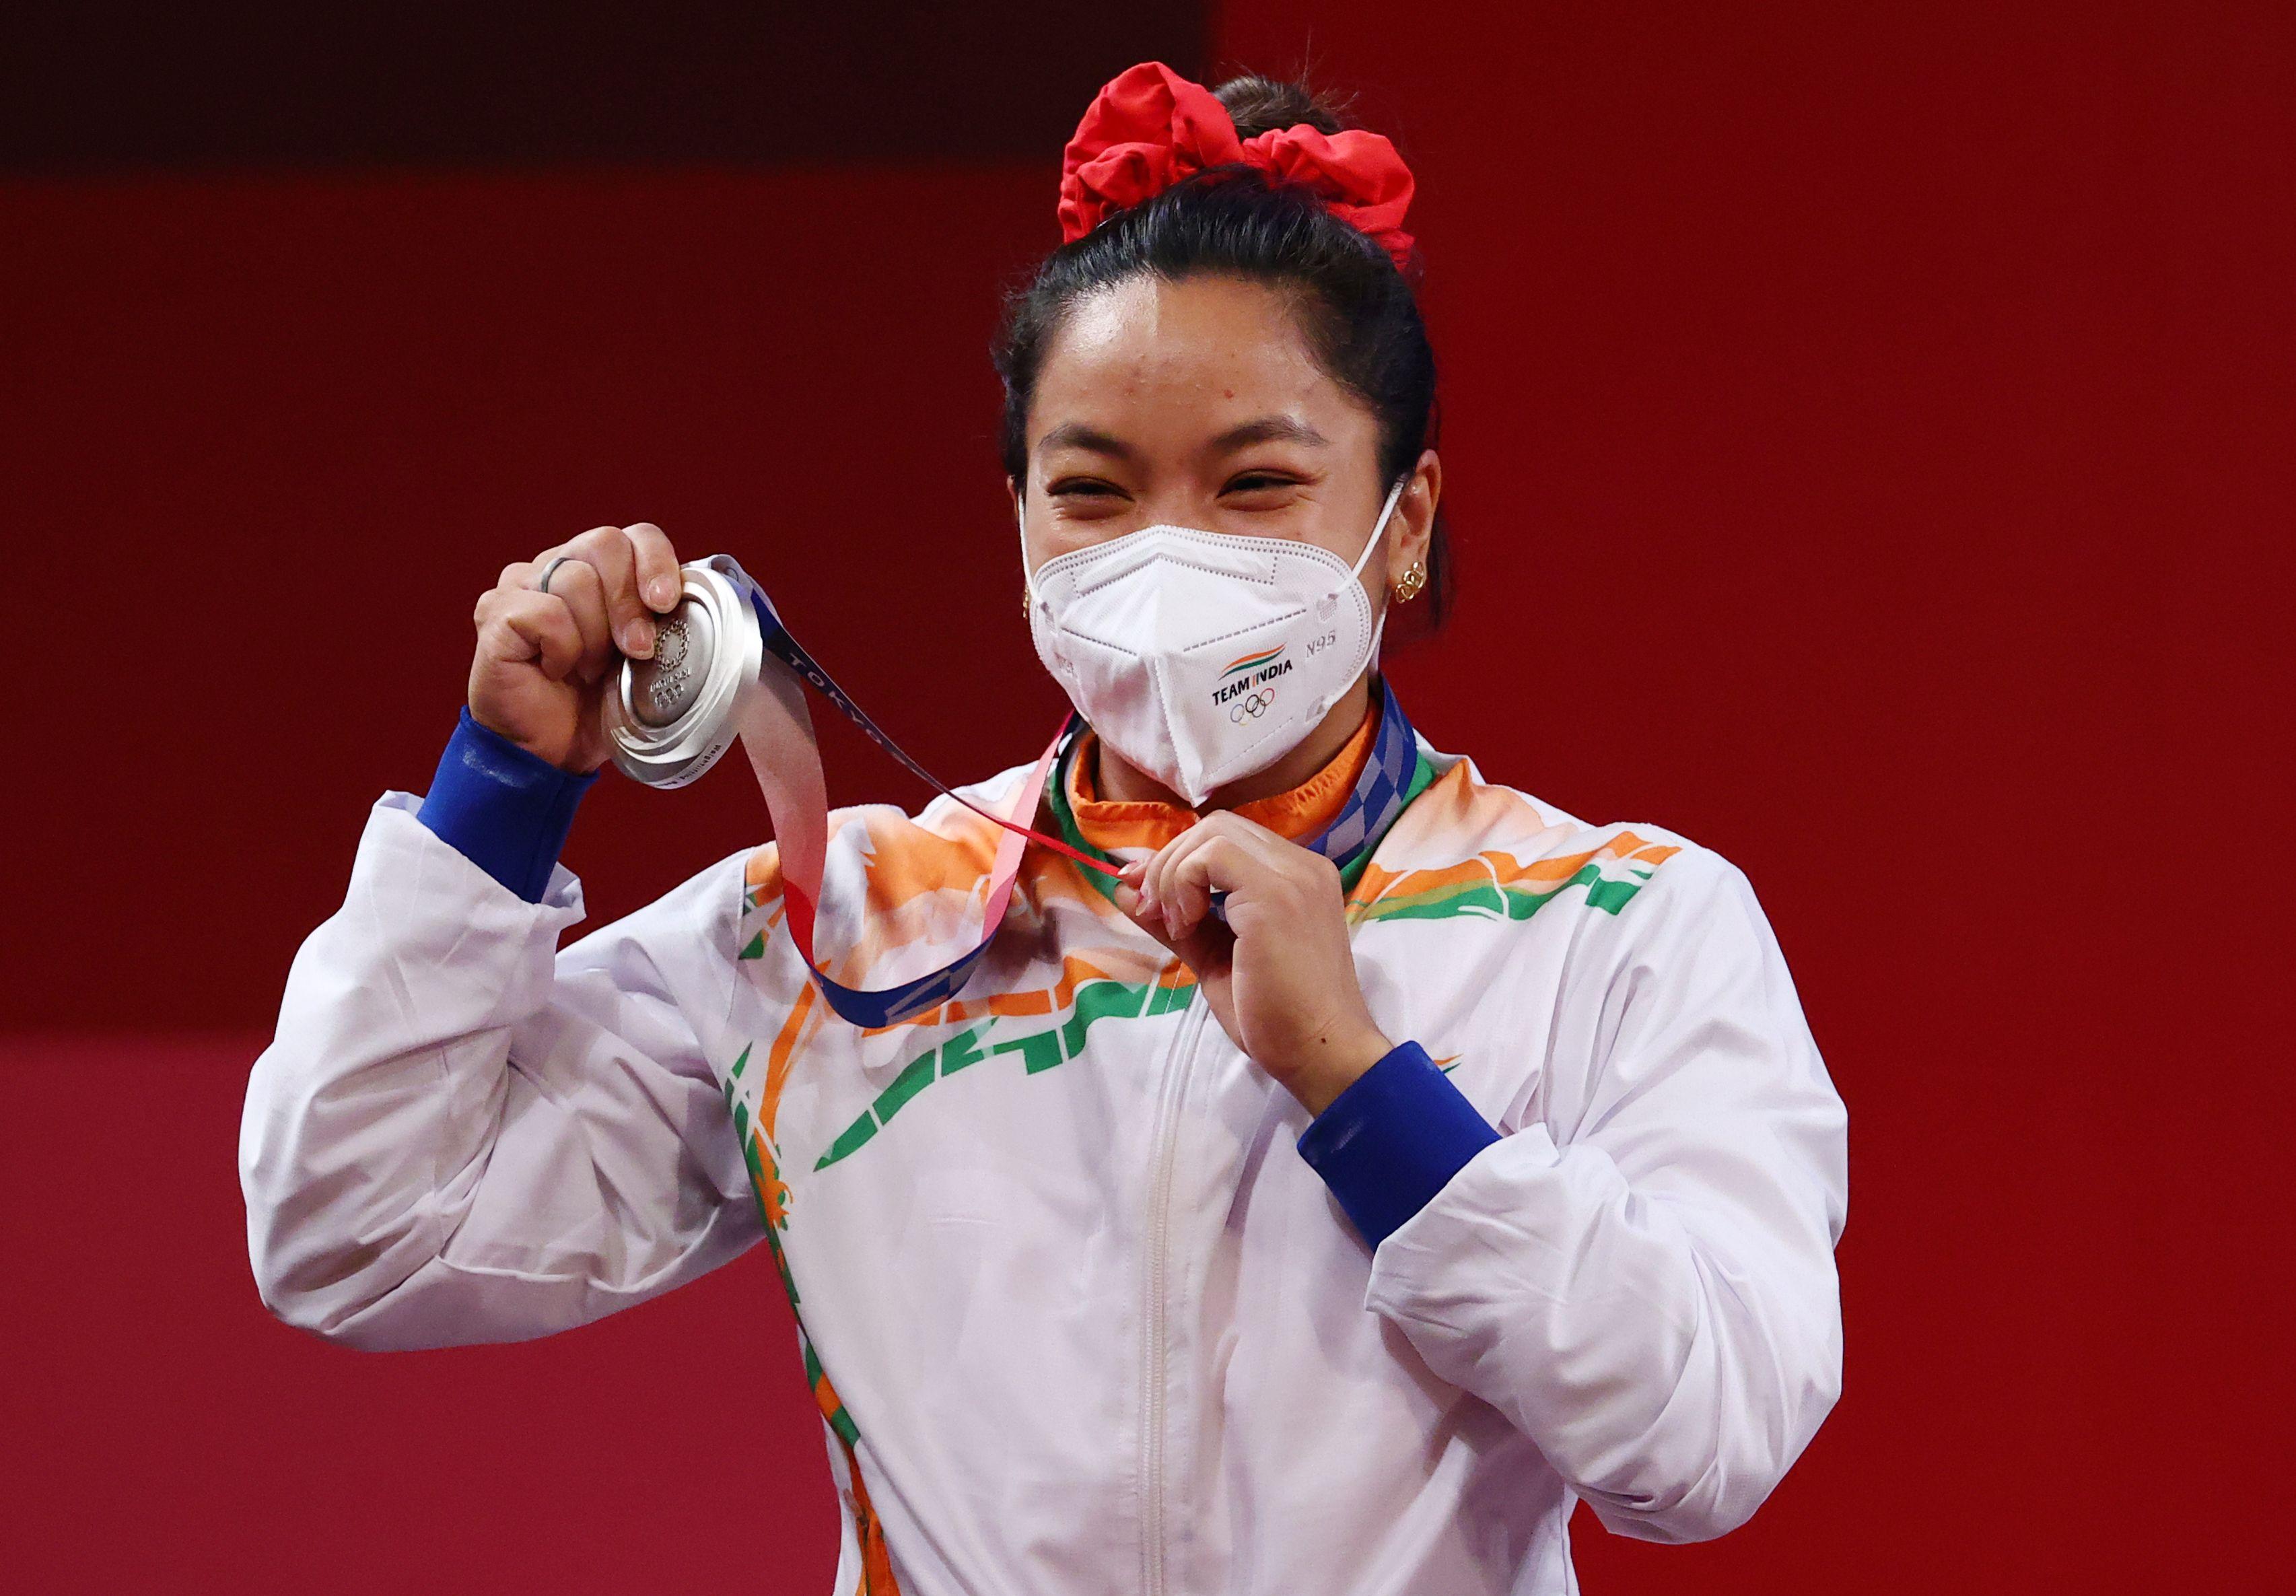 टोक्यो ओलिंपिक में सिल्वर मेडल के साथ मीराबाई चानू।